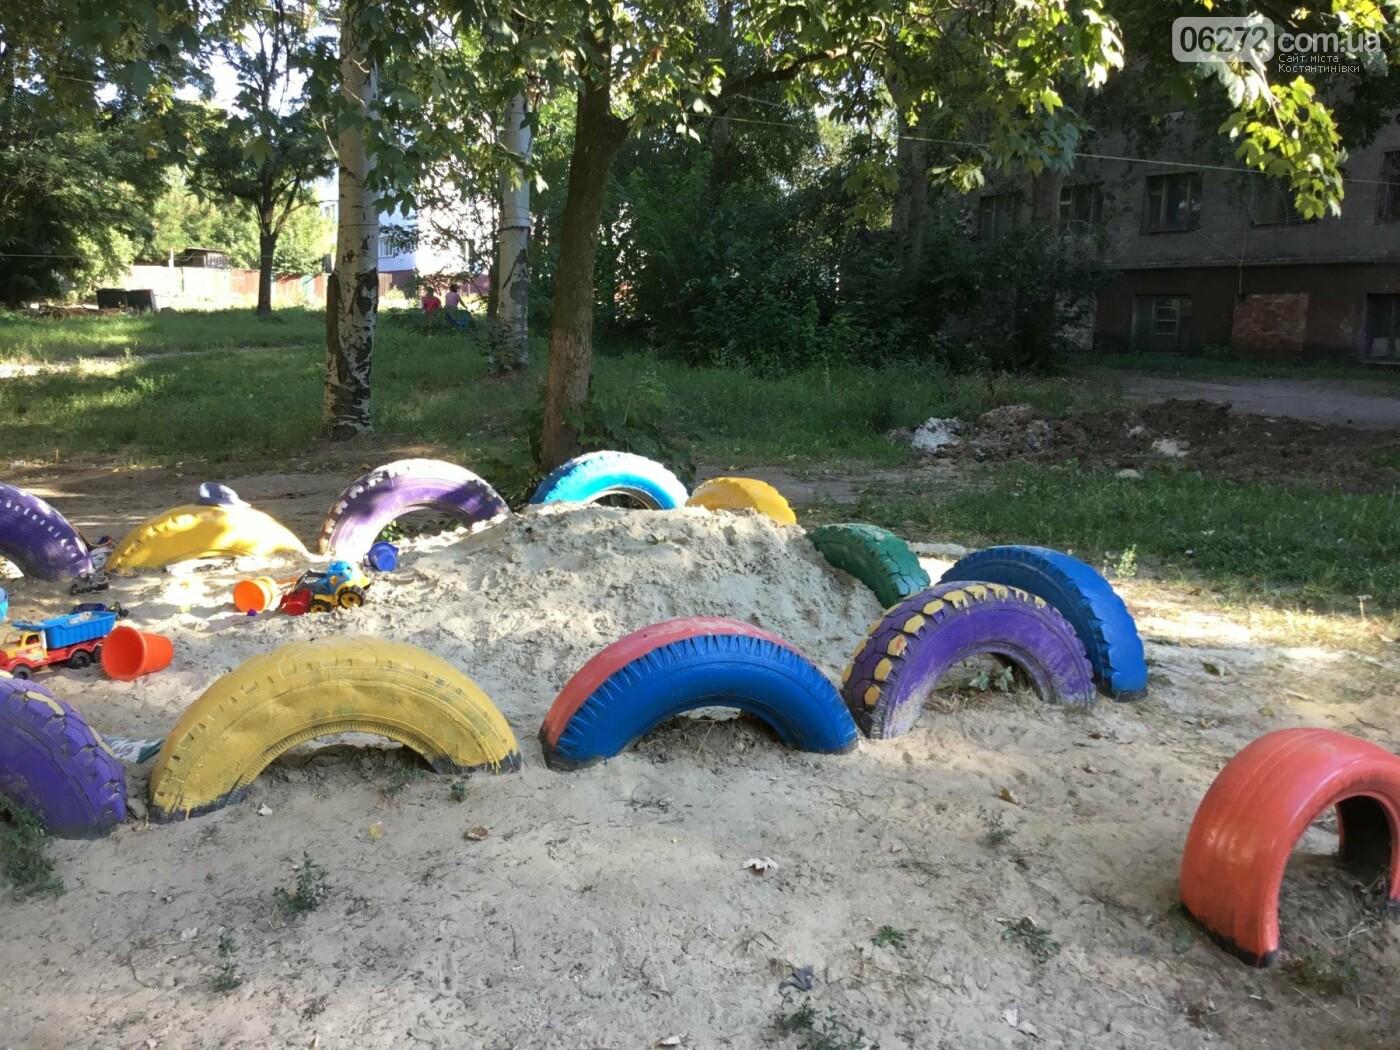 На пр. Ломоносова появилась детская площадка, созданная жителями Константиновки, фото-1